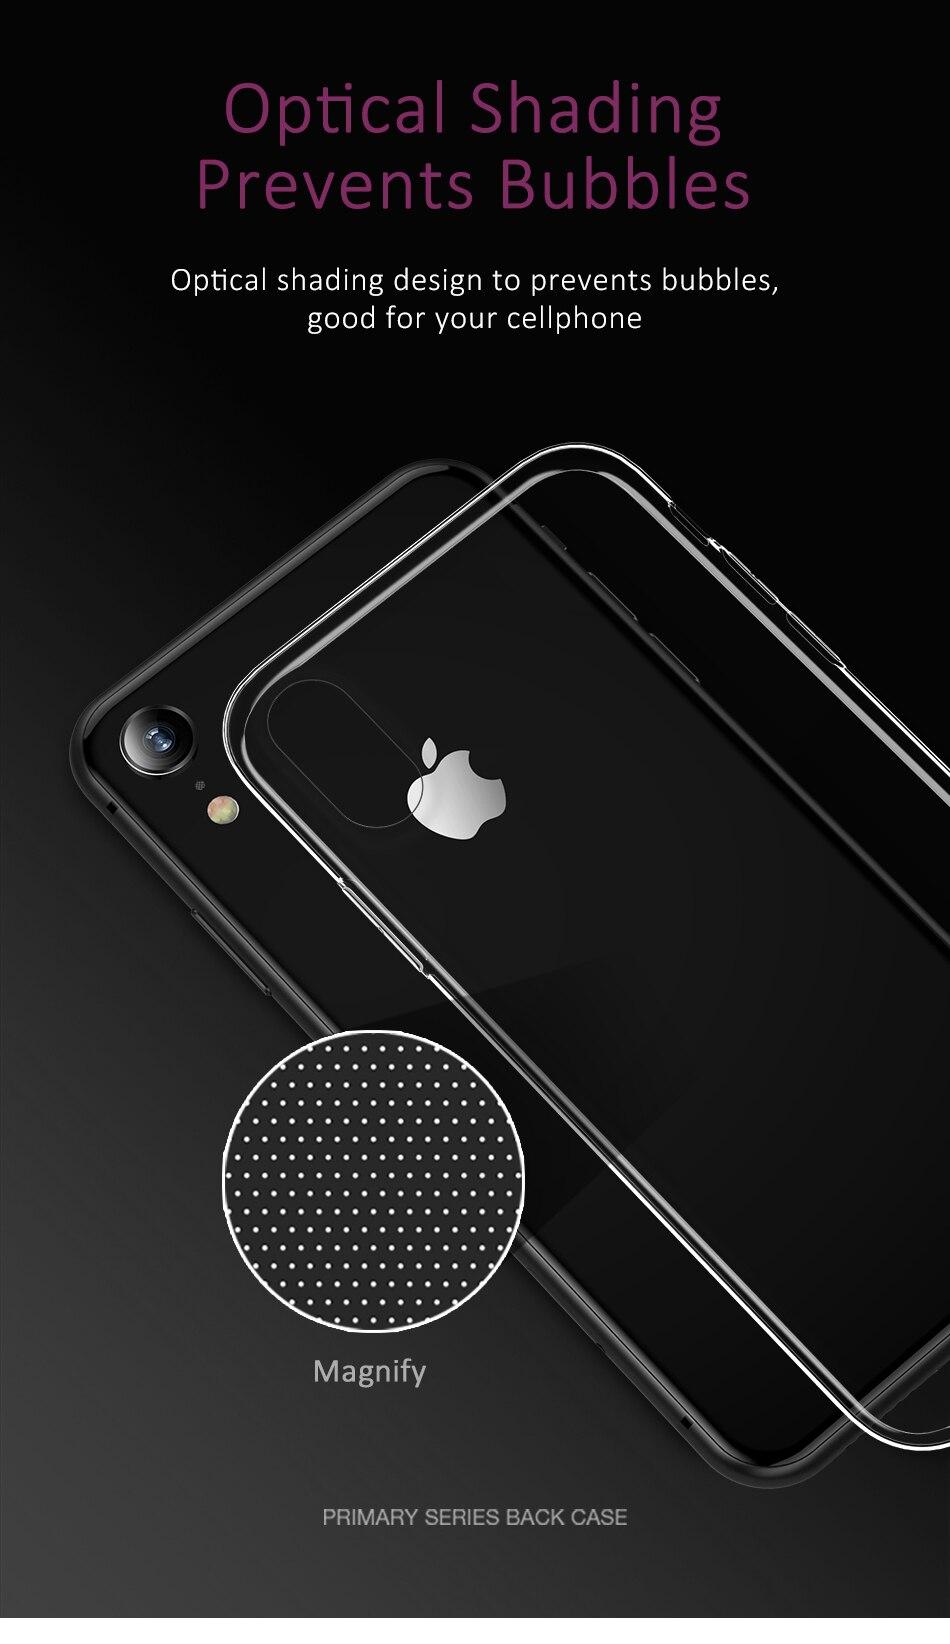 20180911-US-BH439US-BH440US-BH444-iPhone9--(1)_07